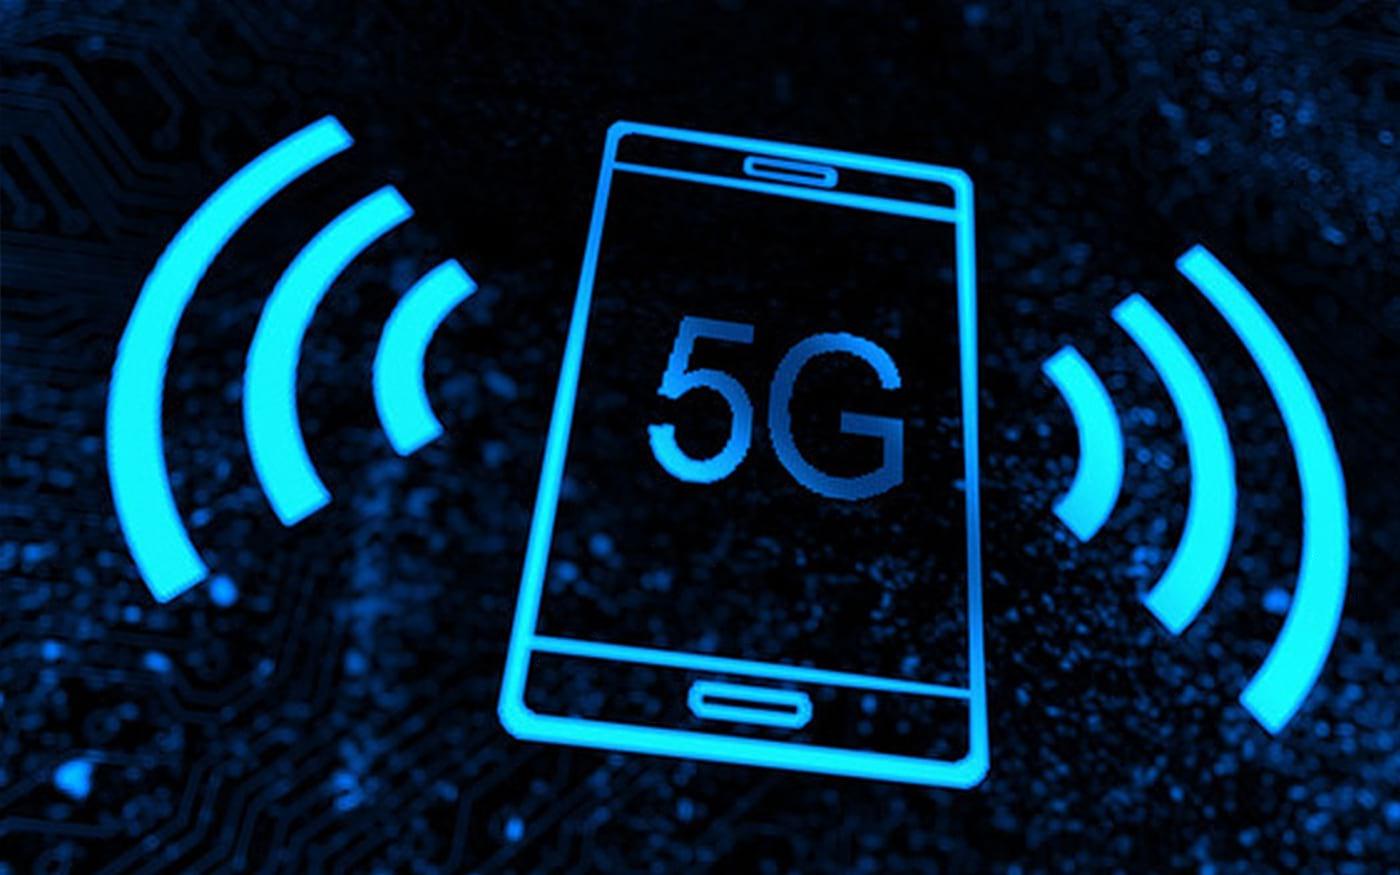 Pesquisa revela que 5G ainda possui muitas falhas de segurança